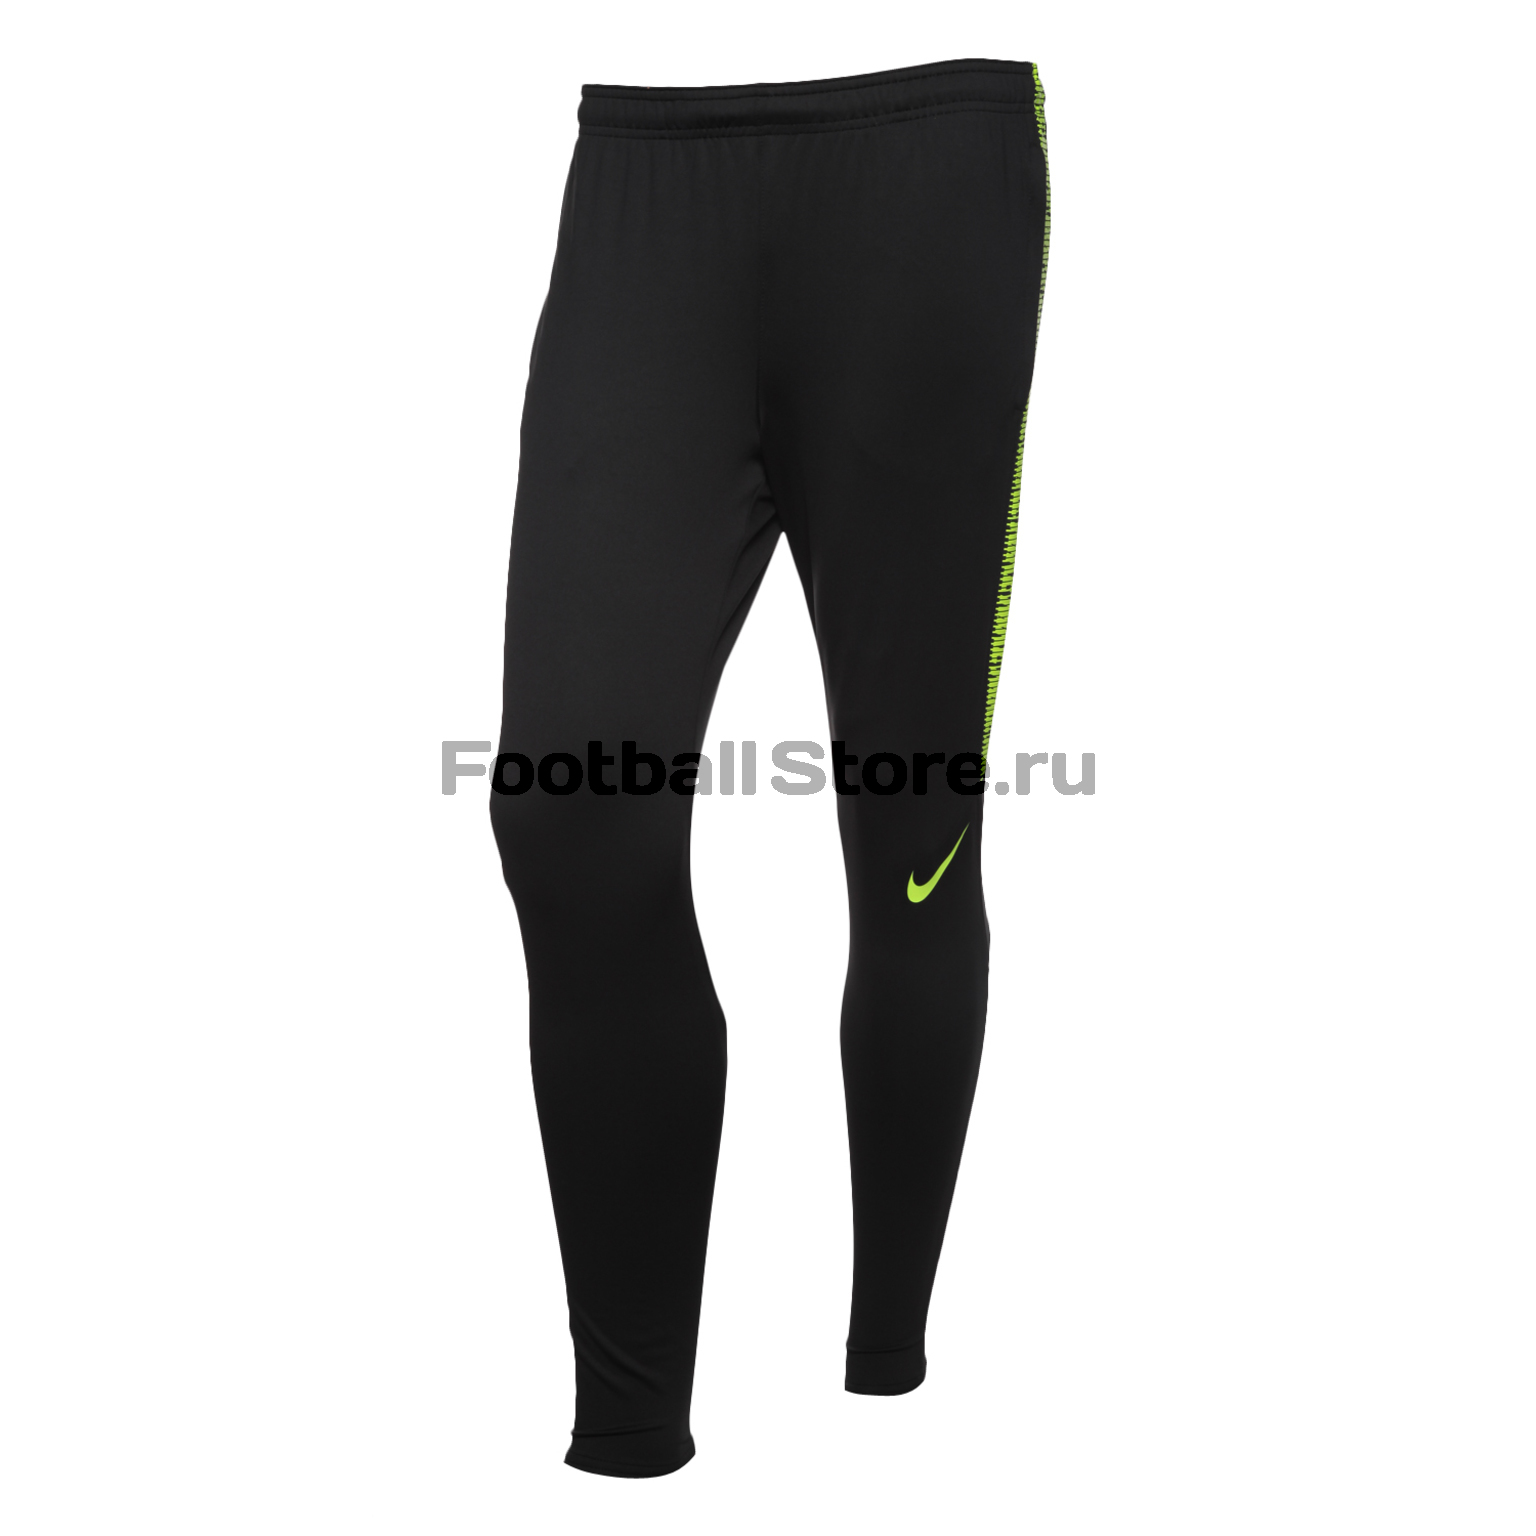 Брюки тренировочные Nike Dry Pant 859225-018 брюки тренировочные подростковые nike squad 832390 451